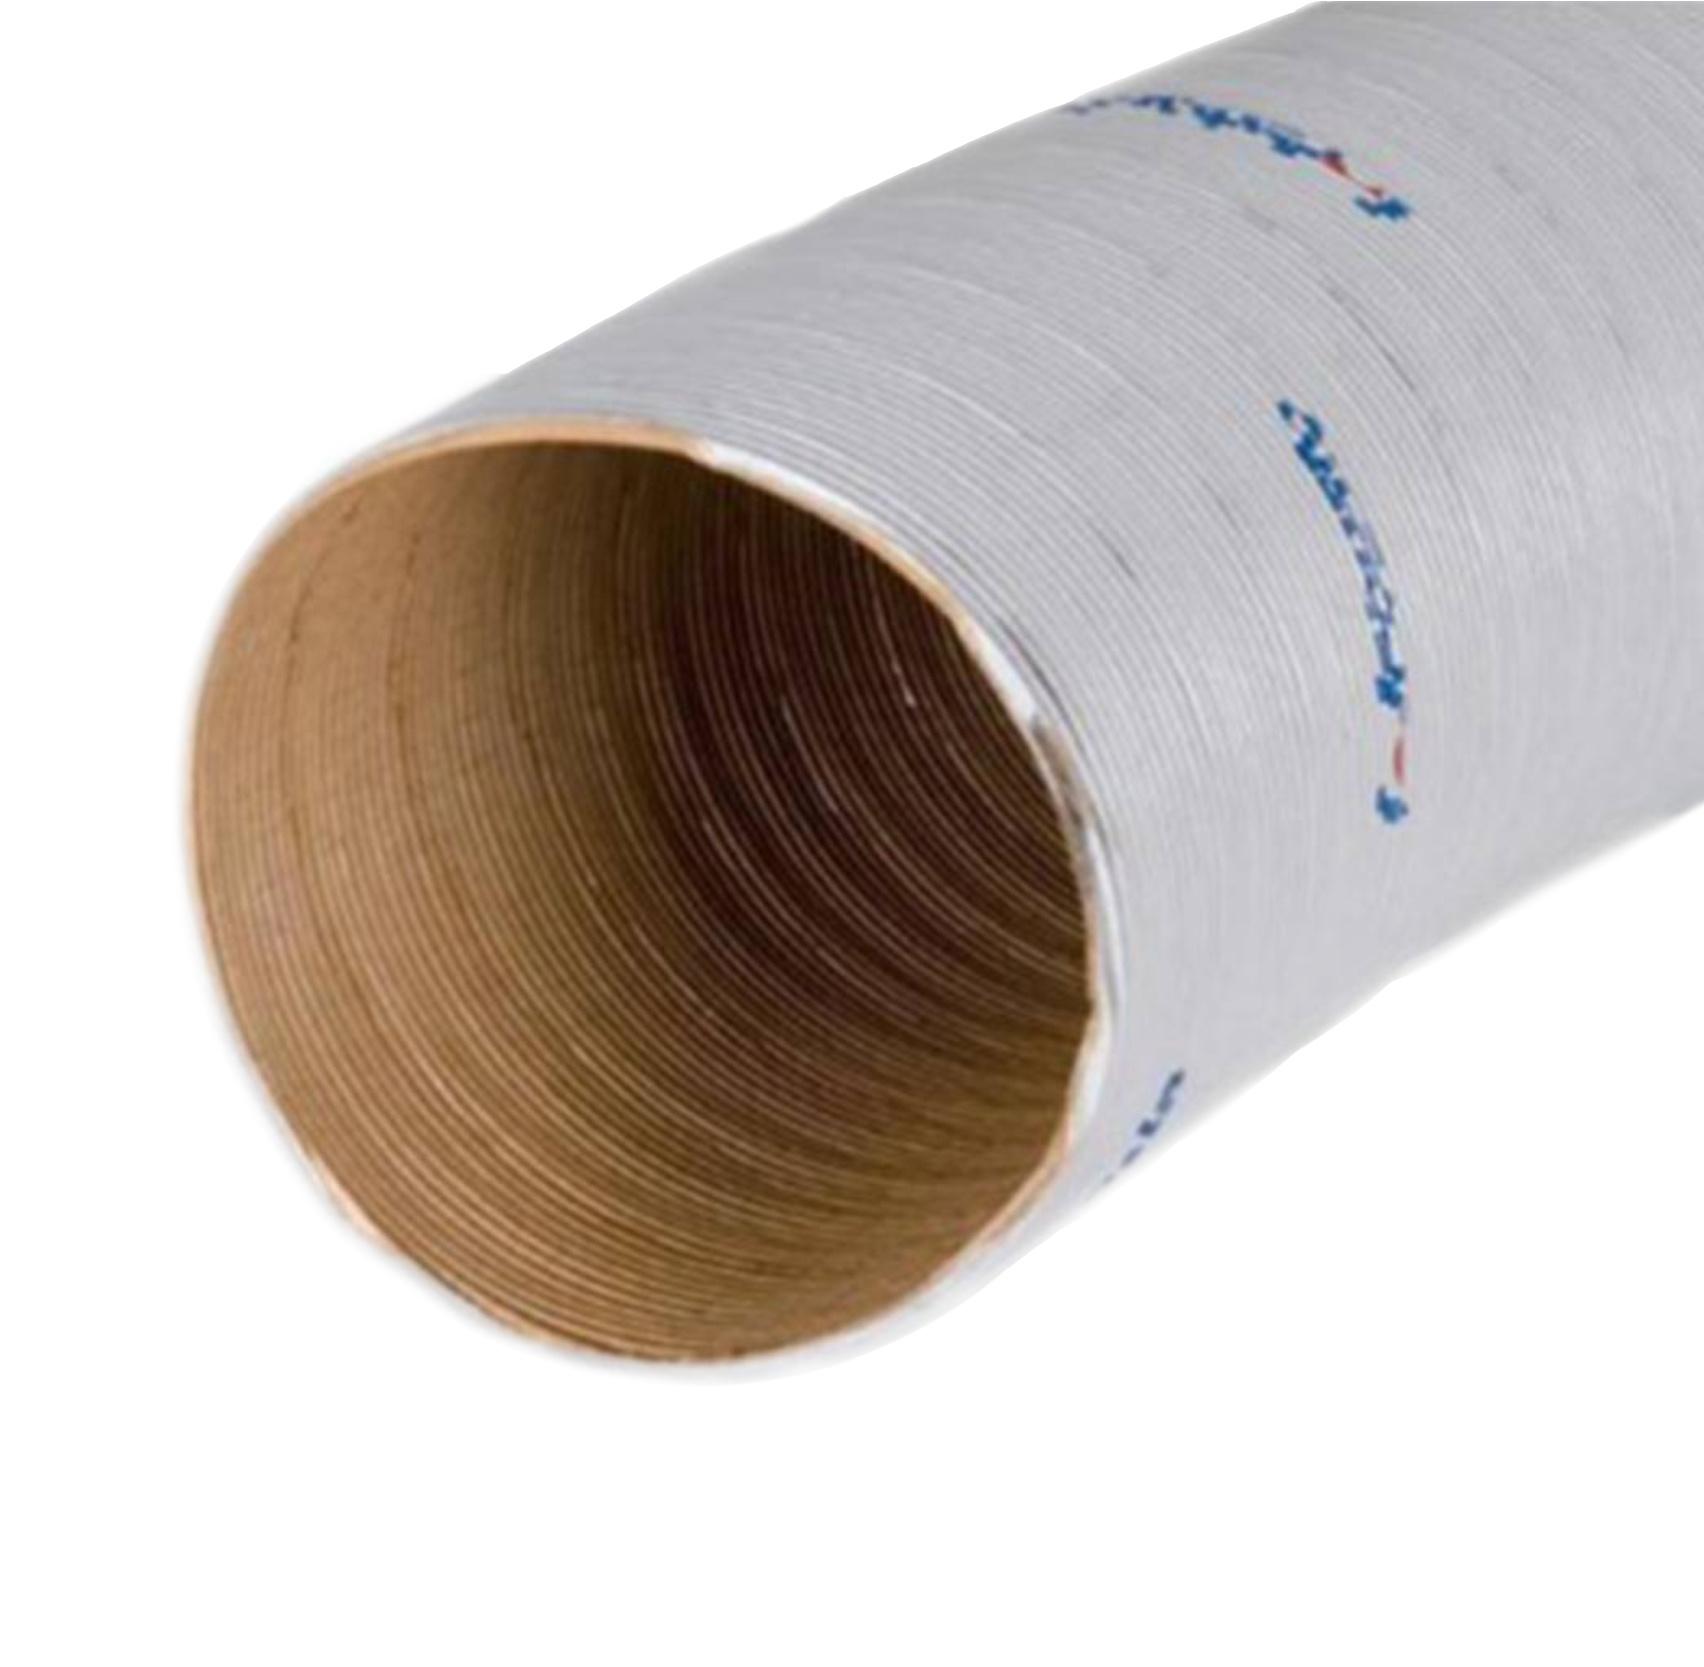 Webasto Webasto papk luchtslang 55mm 5m